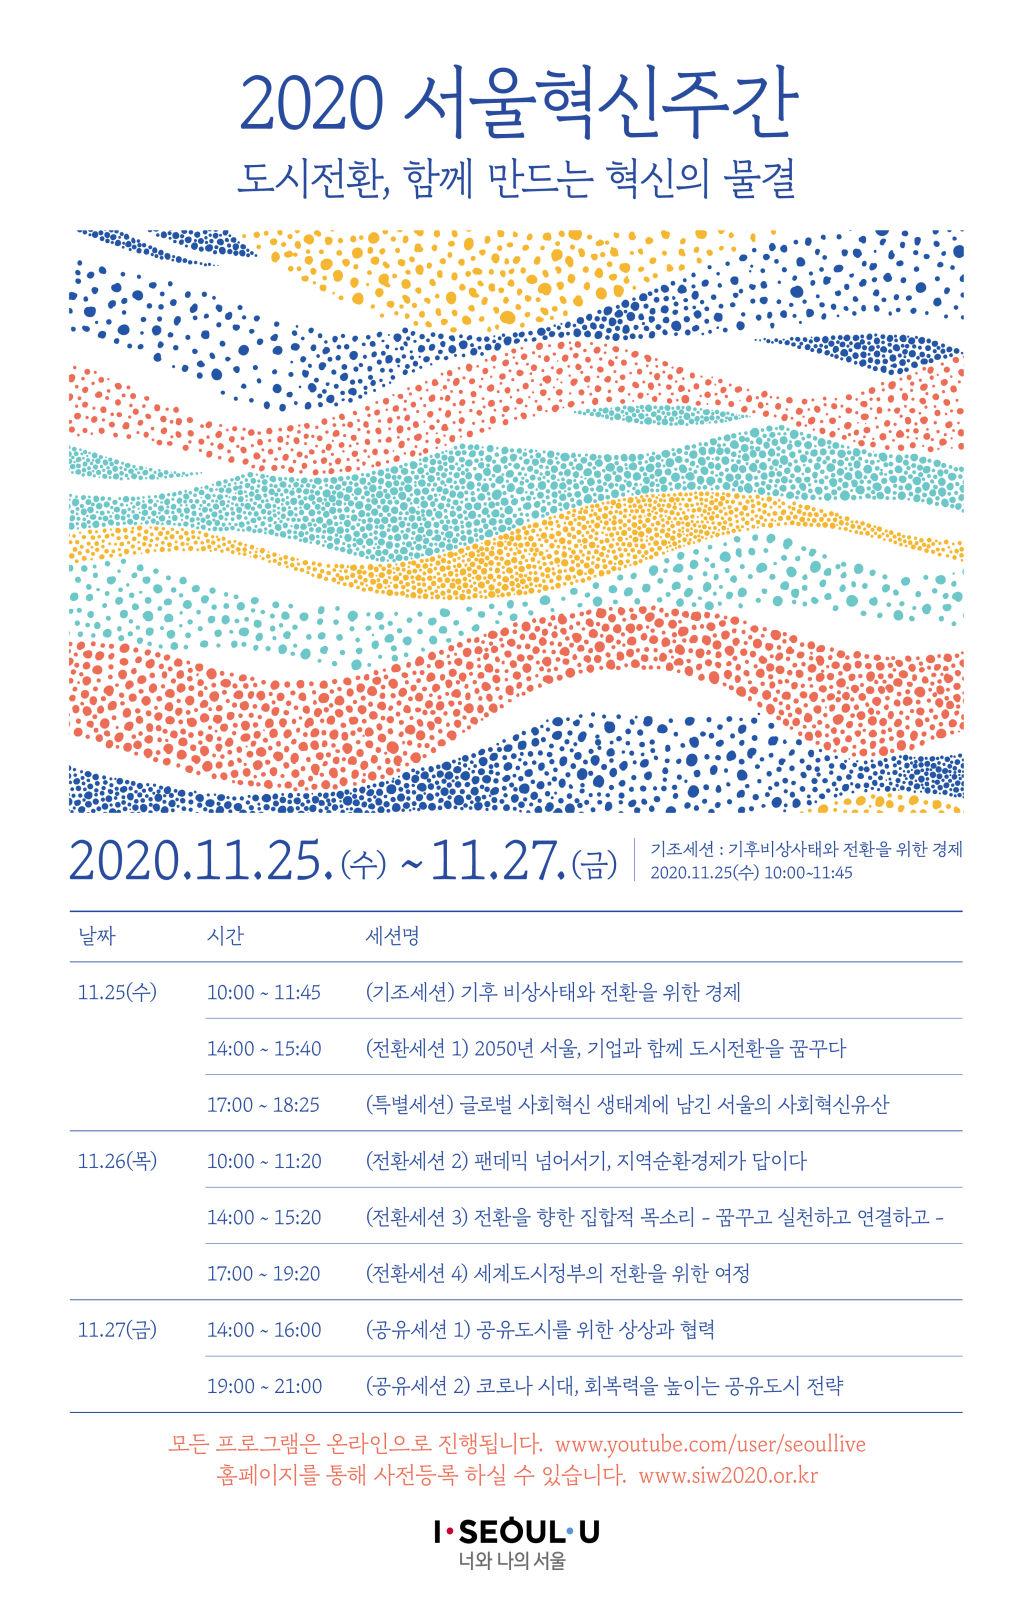 서울시, 코로나 해법 `도시전환`에서 모색.. 25.~27. 서울혁신주간